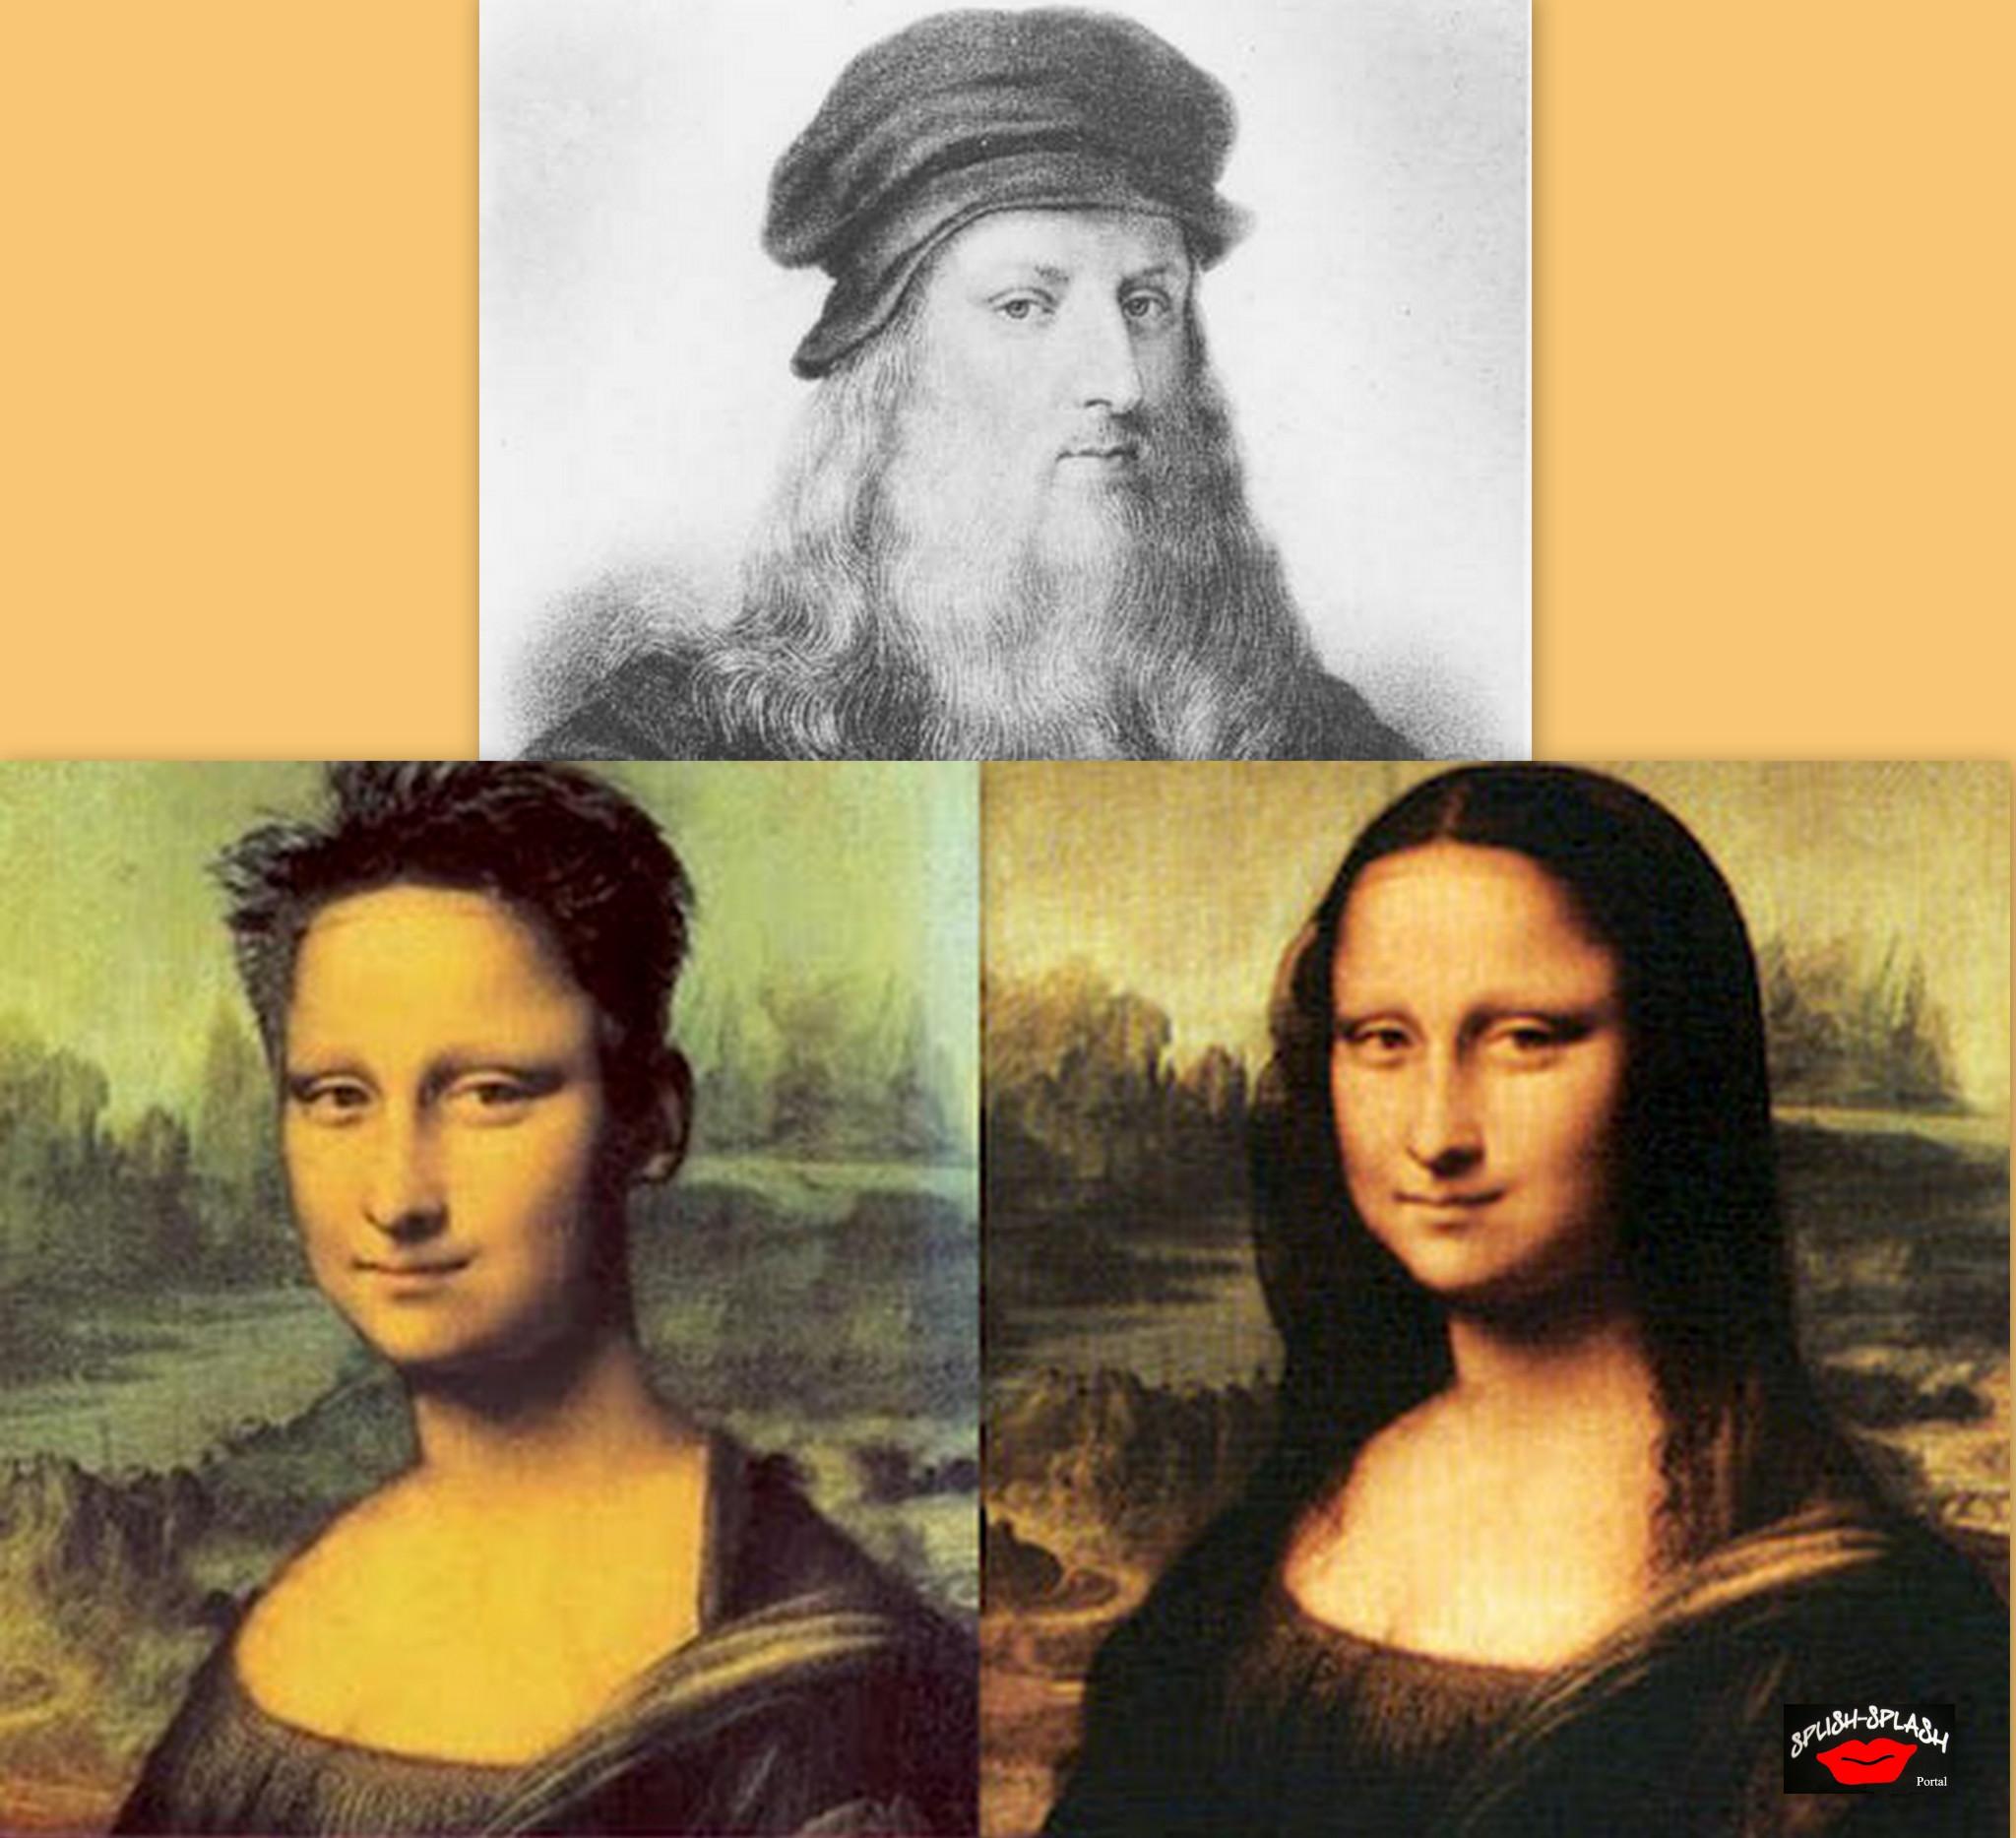 Anda a circular pelo Facebook uma foto de um quadro com a famosa Mona Lisa diferente daquele que está exposto no Museu do Louvre em Paris, uma pintura a óleo sobre madeira e álamo, com o nome oficial de Lisa Gherardini, mulher de Francesco del Giocondo.